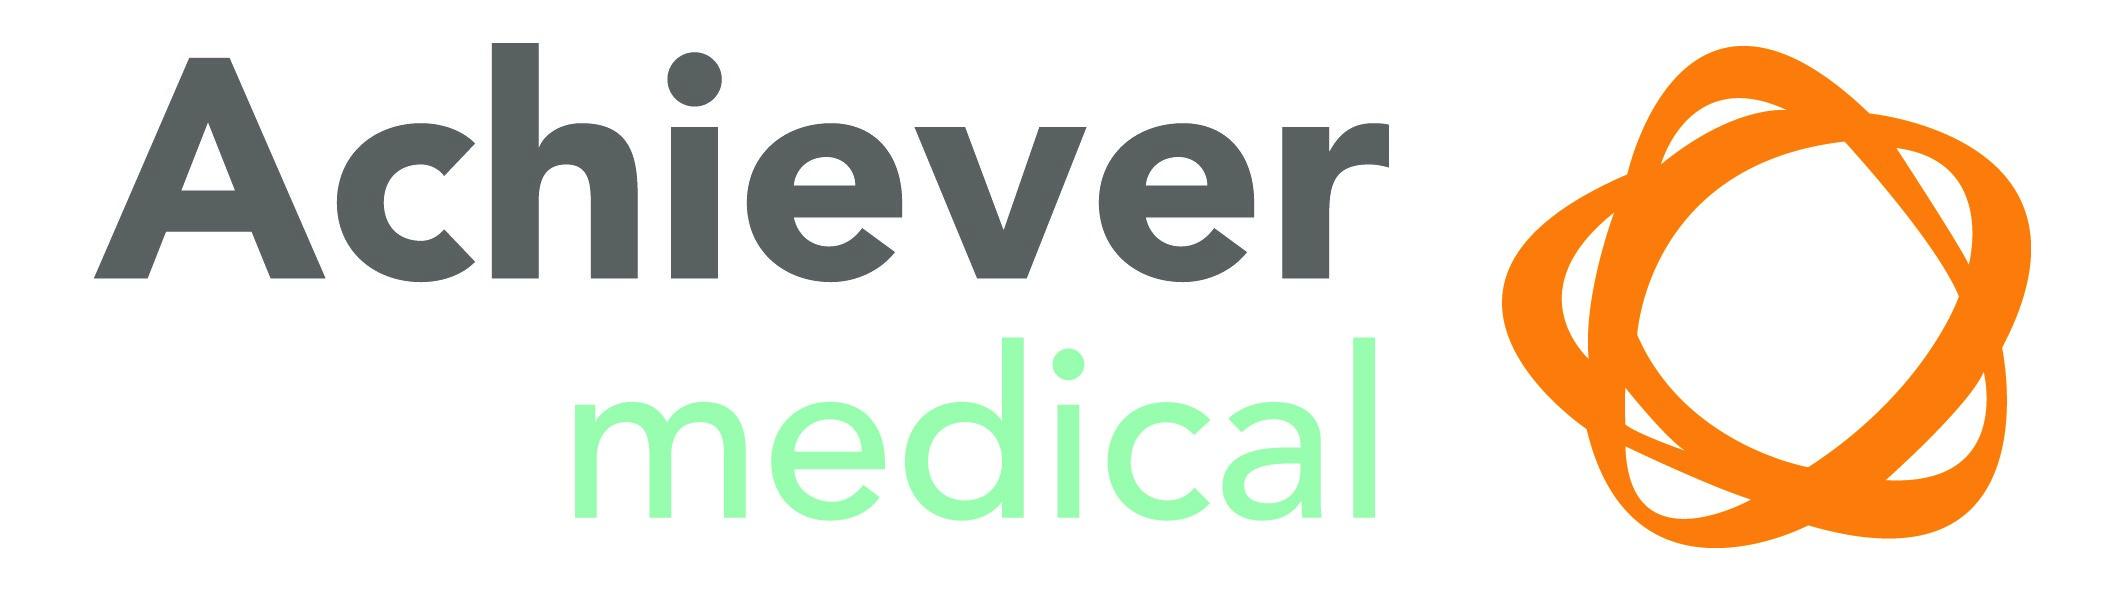 Achiever Medical logo